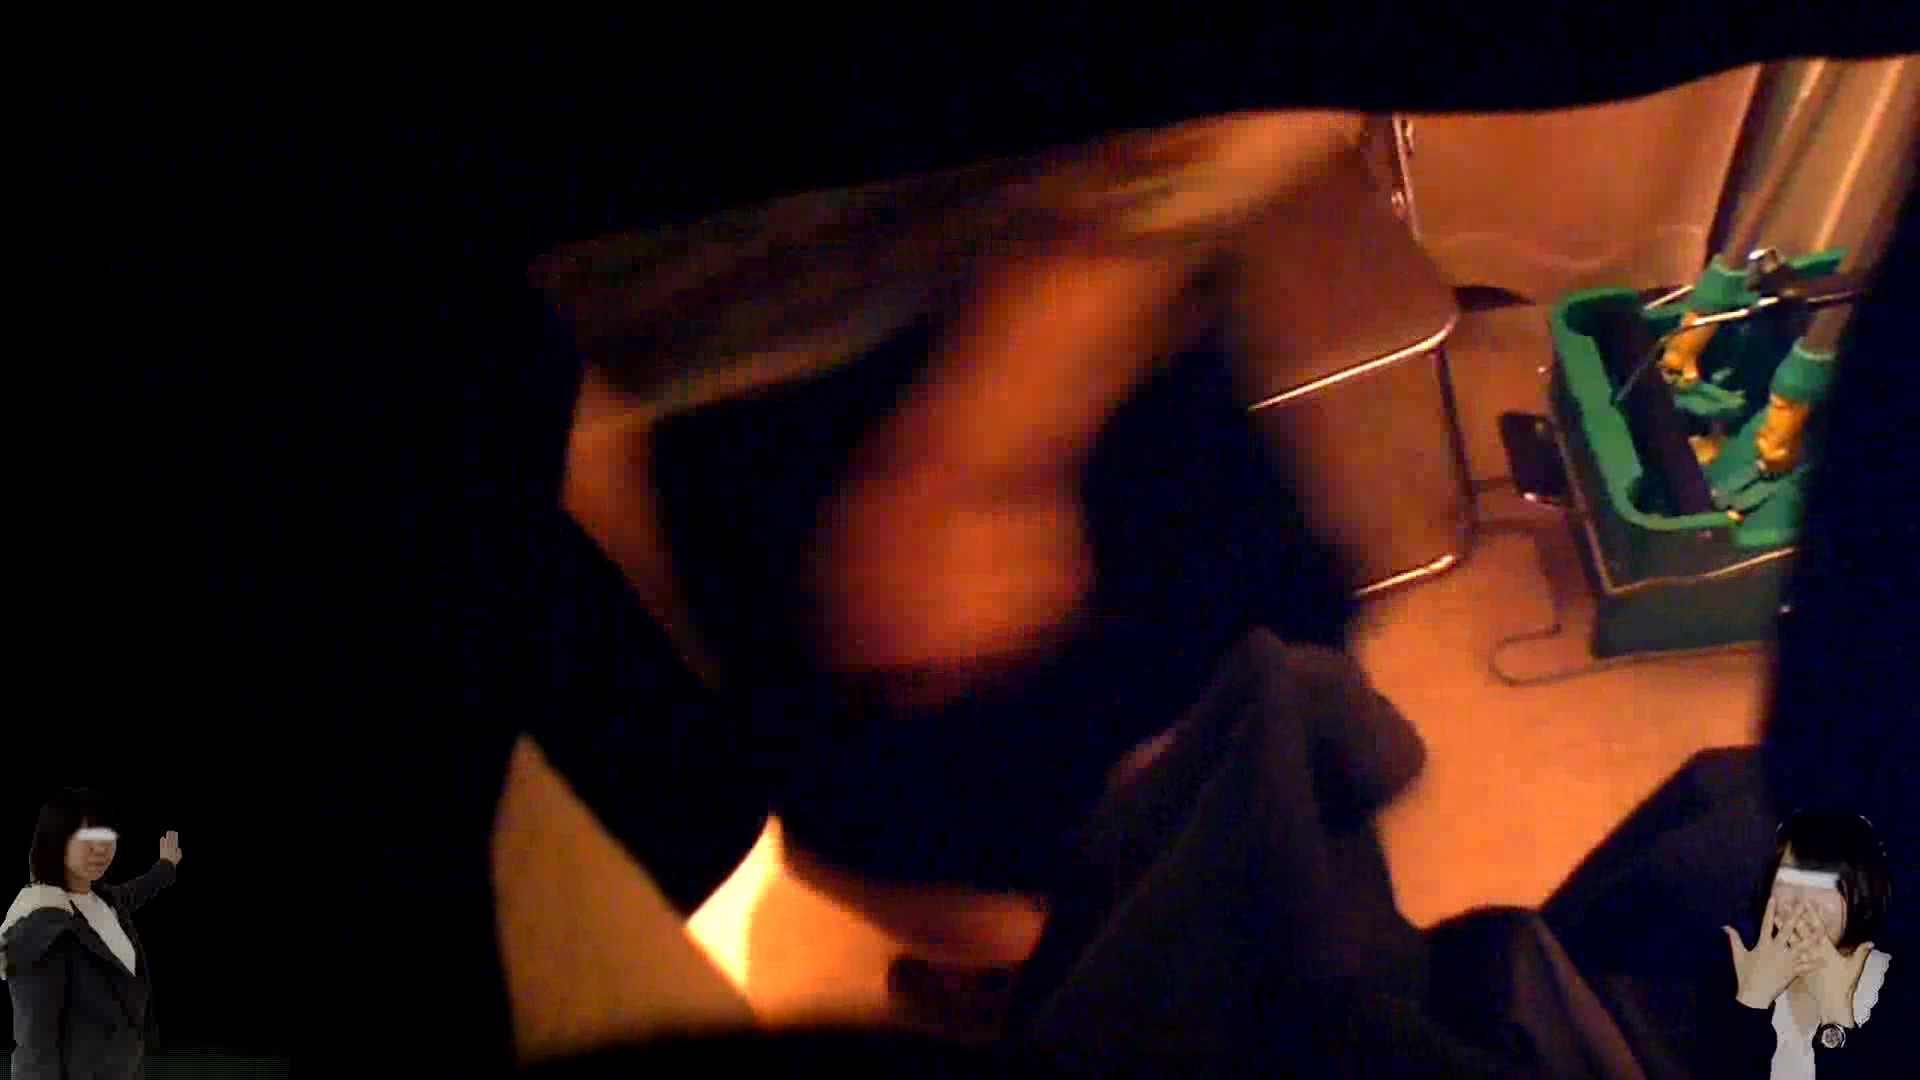 素人投稿 現役「JD」Eちゃんの着替え Vol.04 素人丸裸 おまんこ無修正動画無料 107pic 14